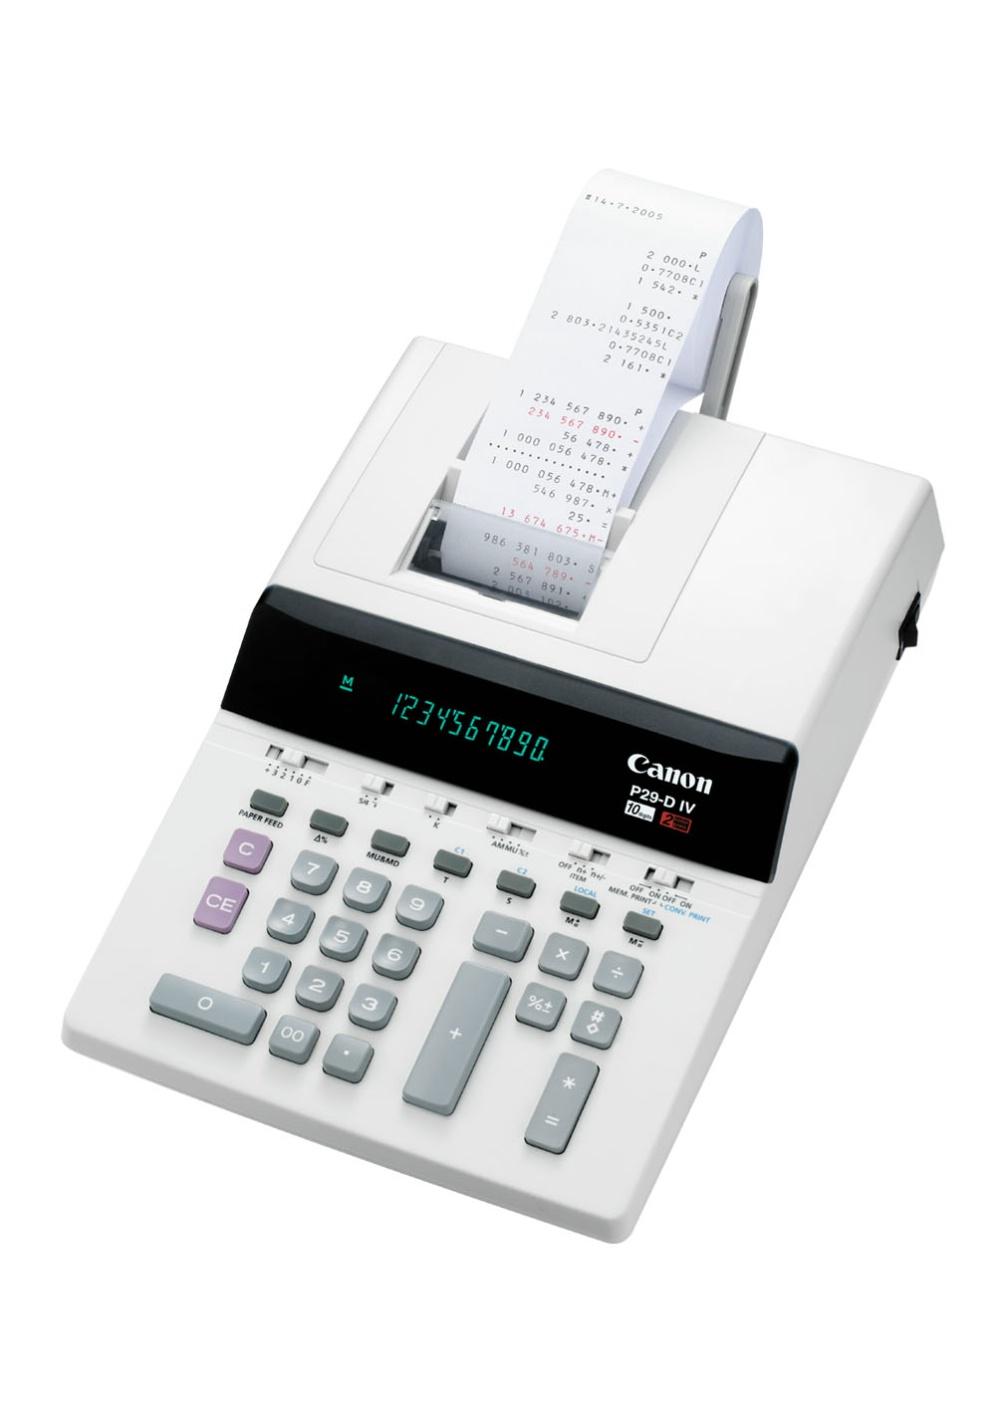 Canon Office Printing Calculator P29-DIV Tasca Calcolatrice con stampa Beige